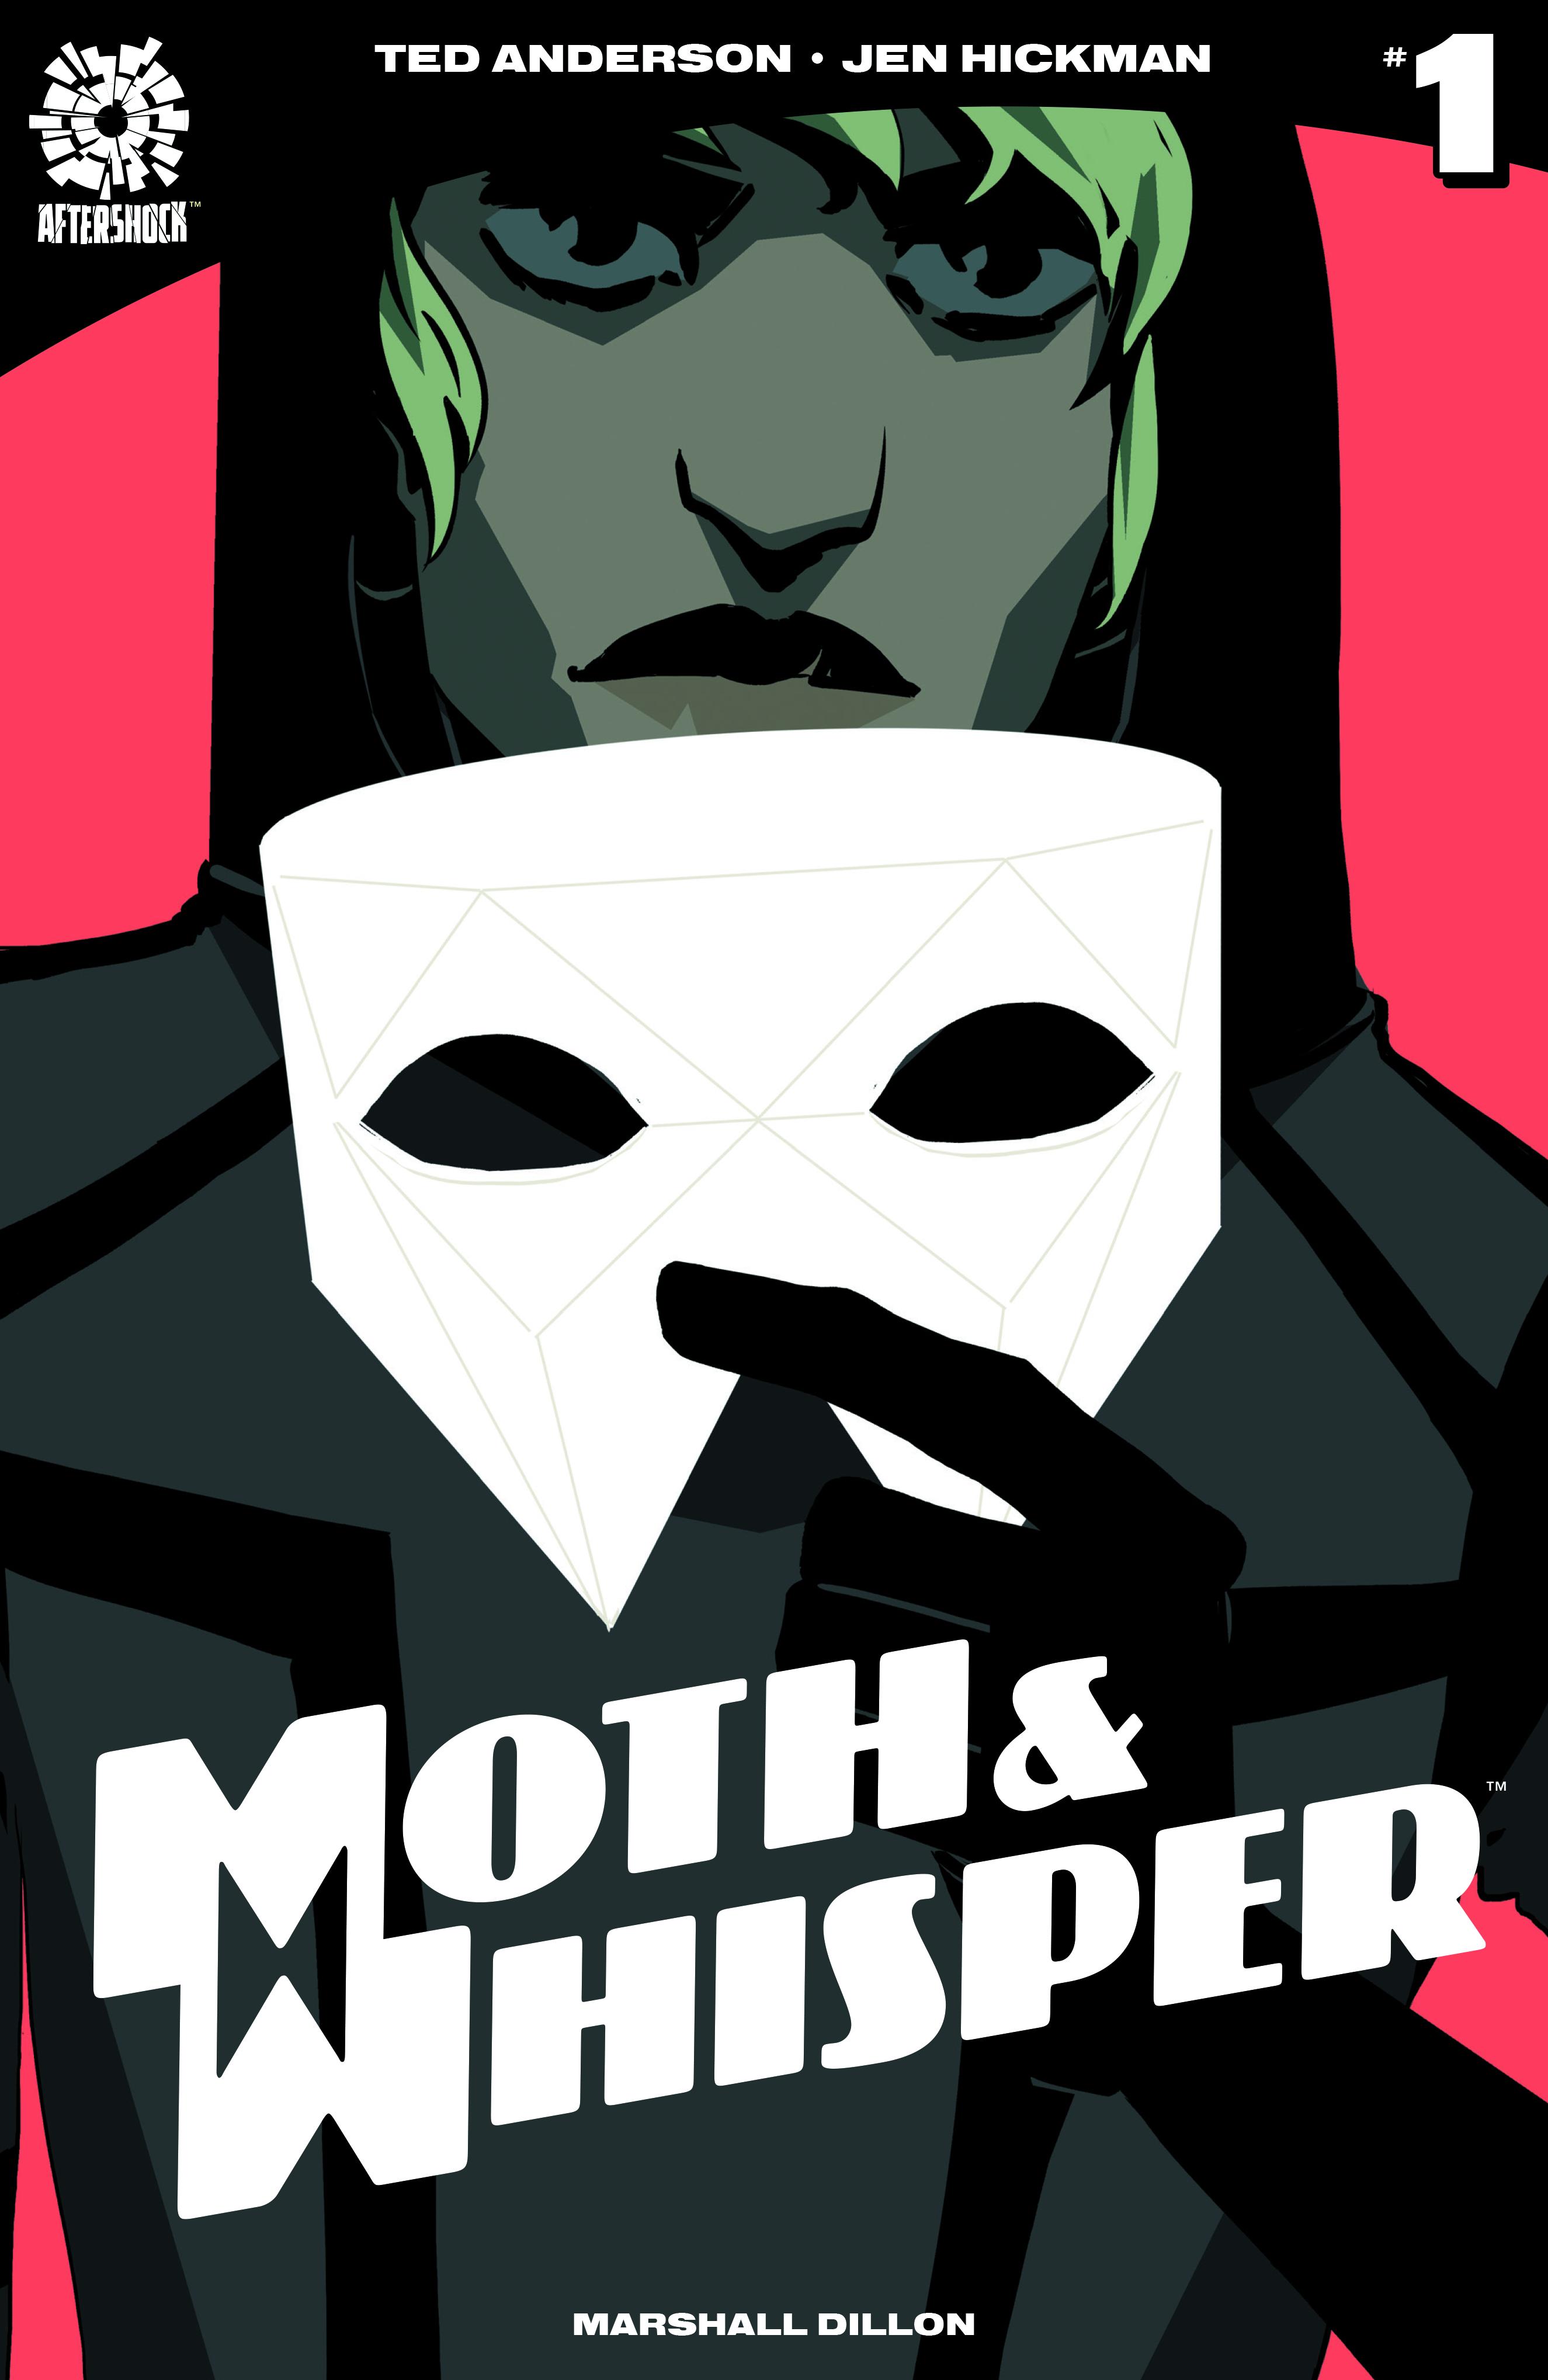 MOTH & WHISPER #1